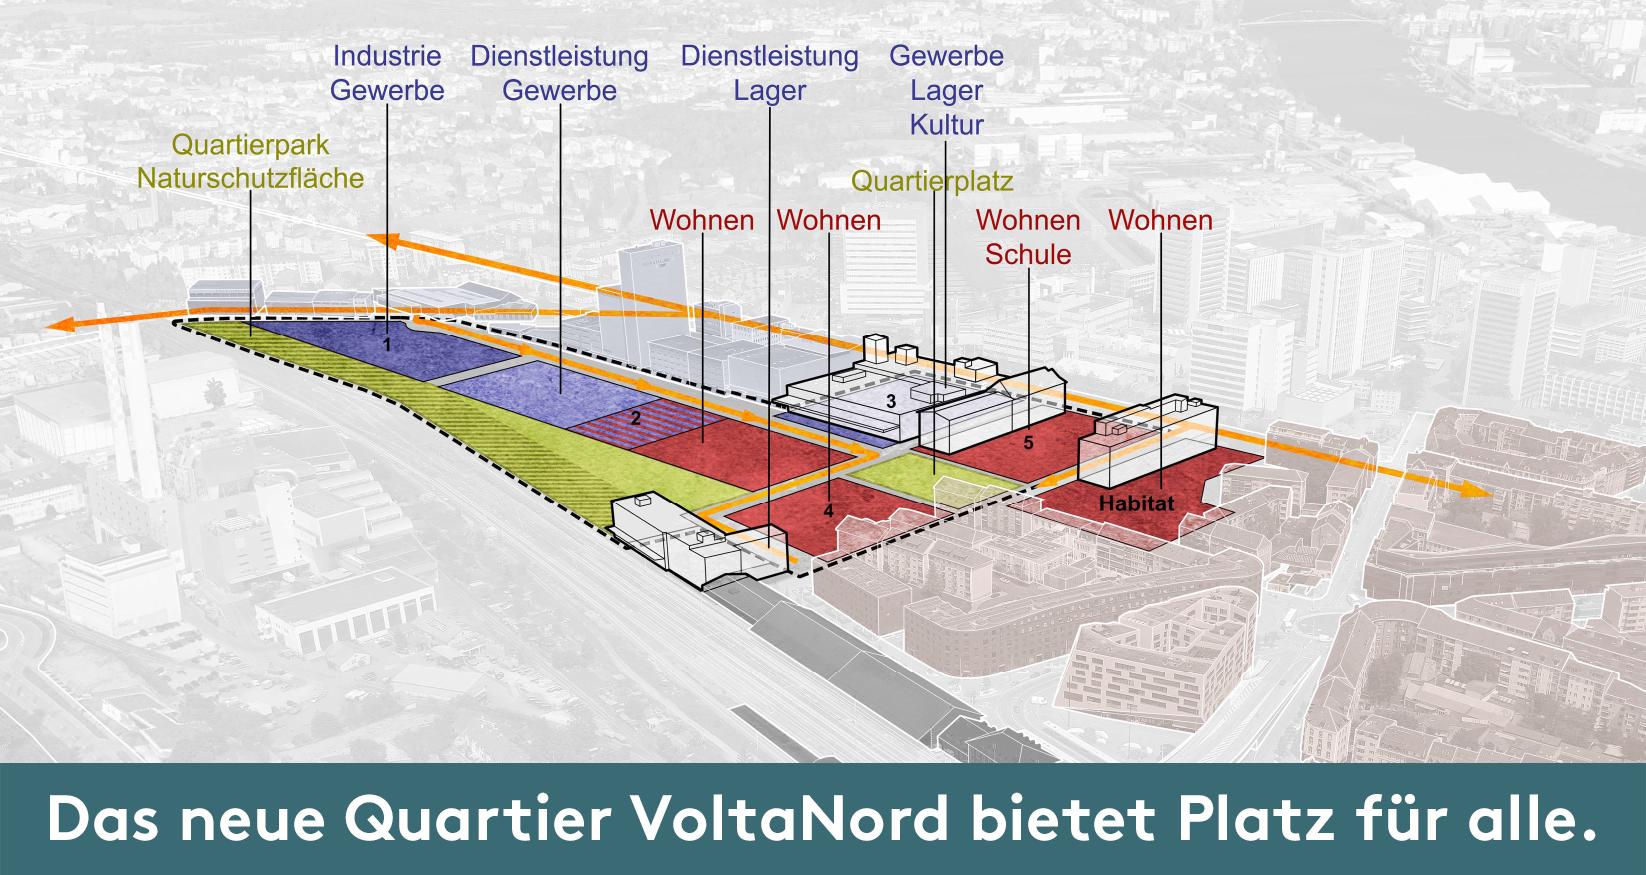 Das neue Quartier VoltaNord bietet Platz für alle